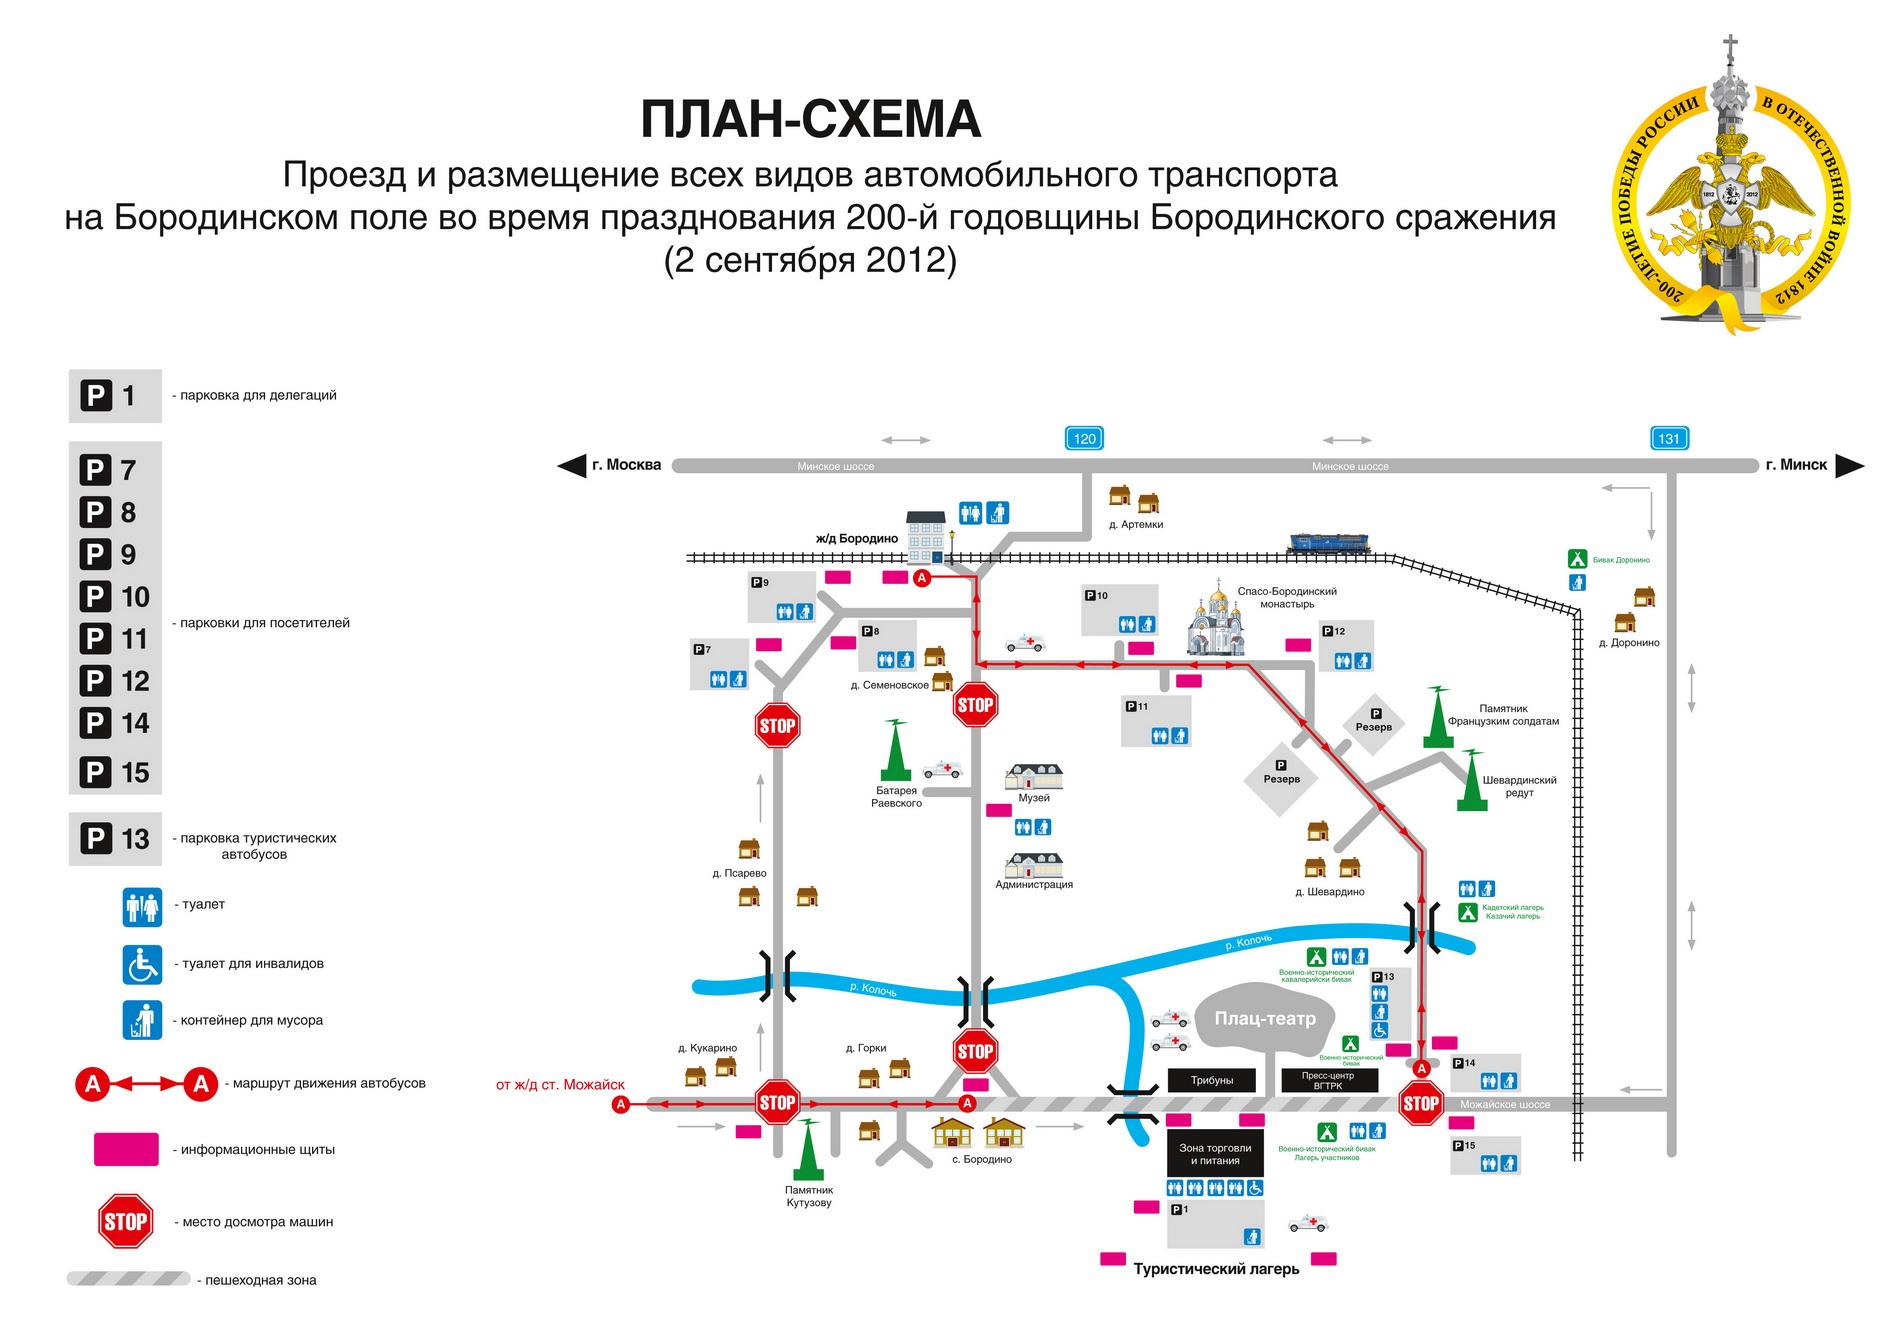 Бородинское сражение 2012. Схема парковочных мест